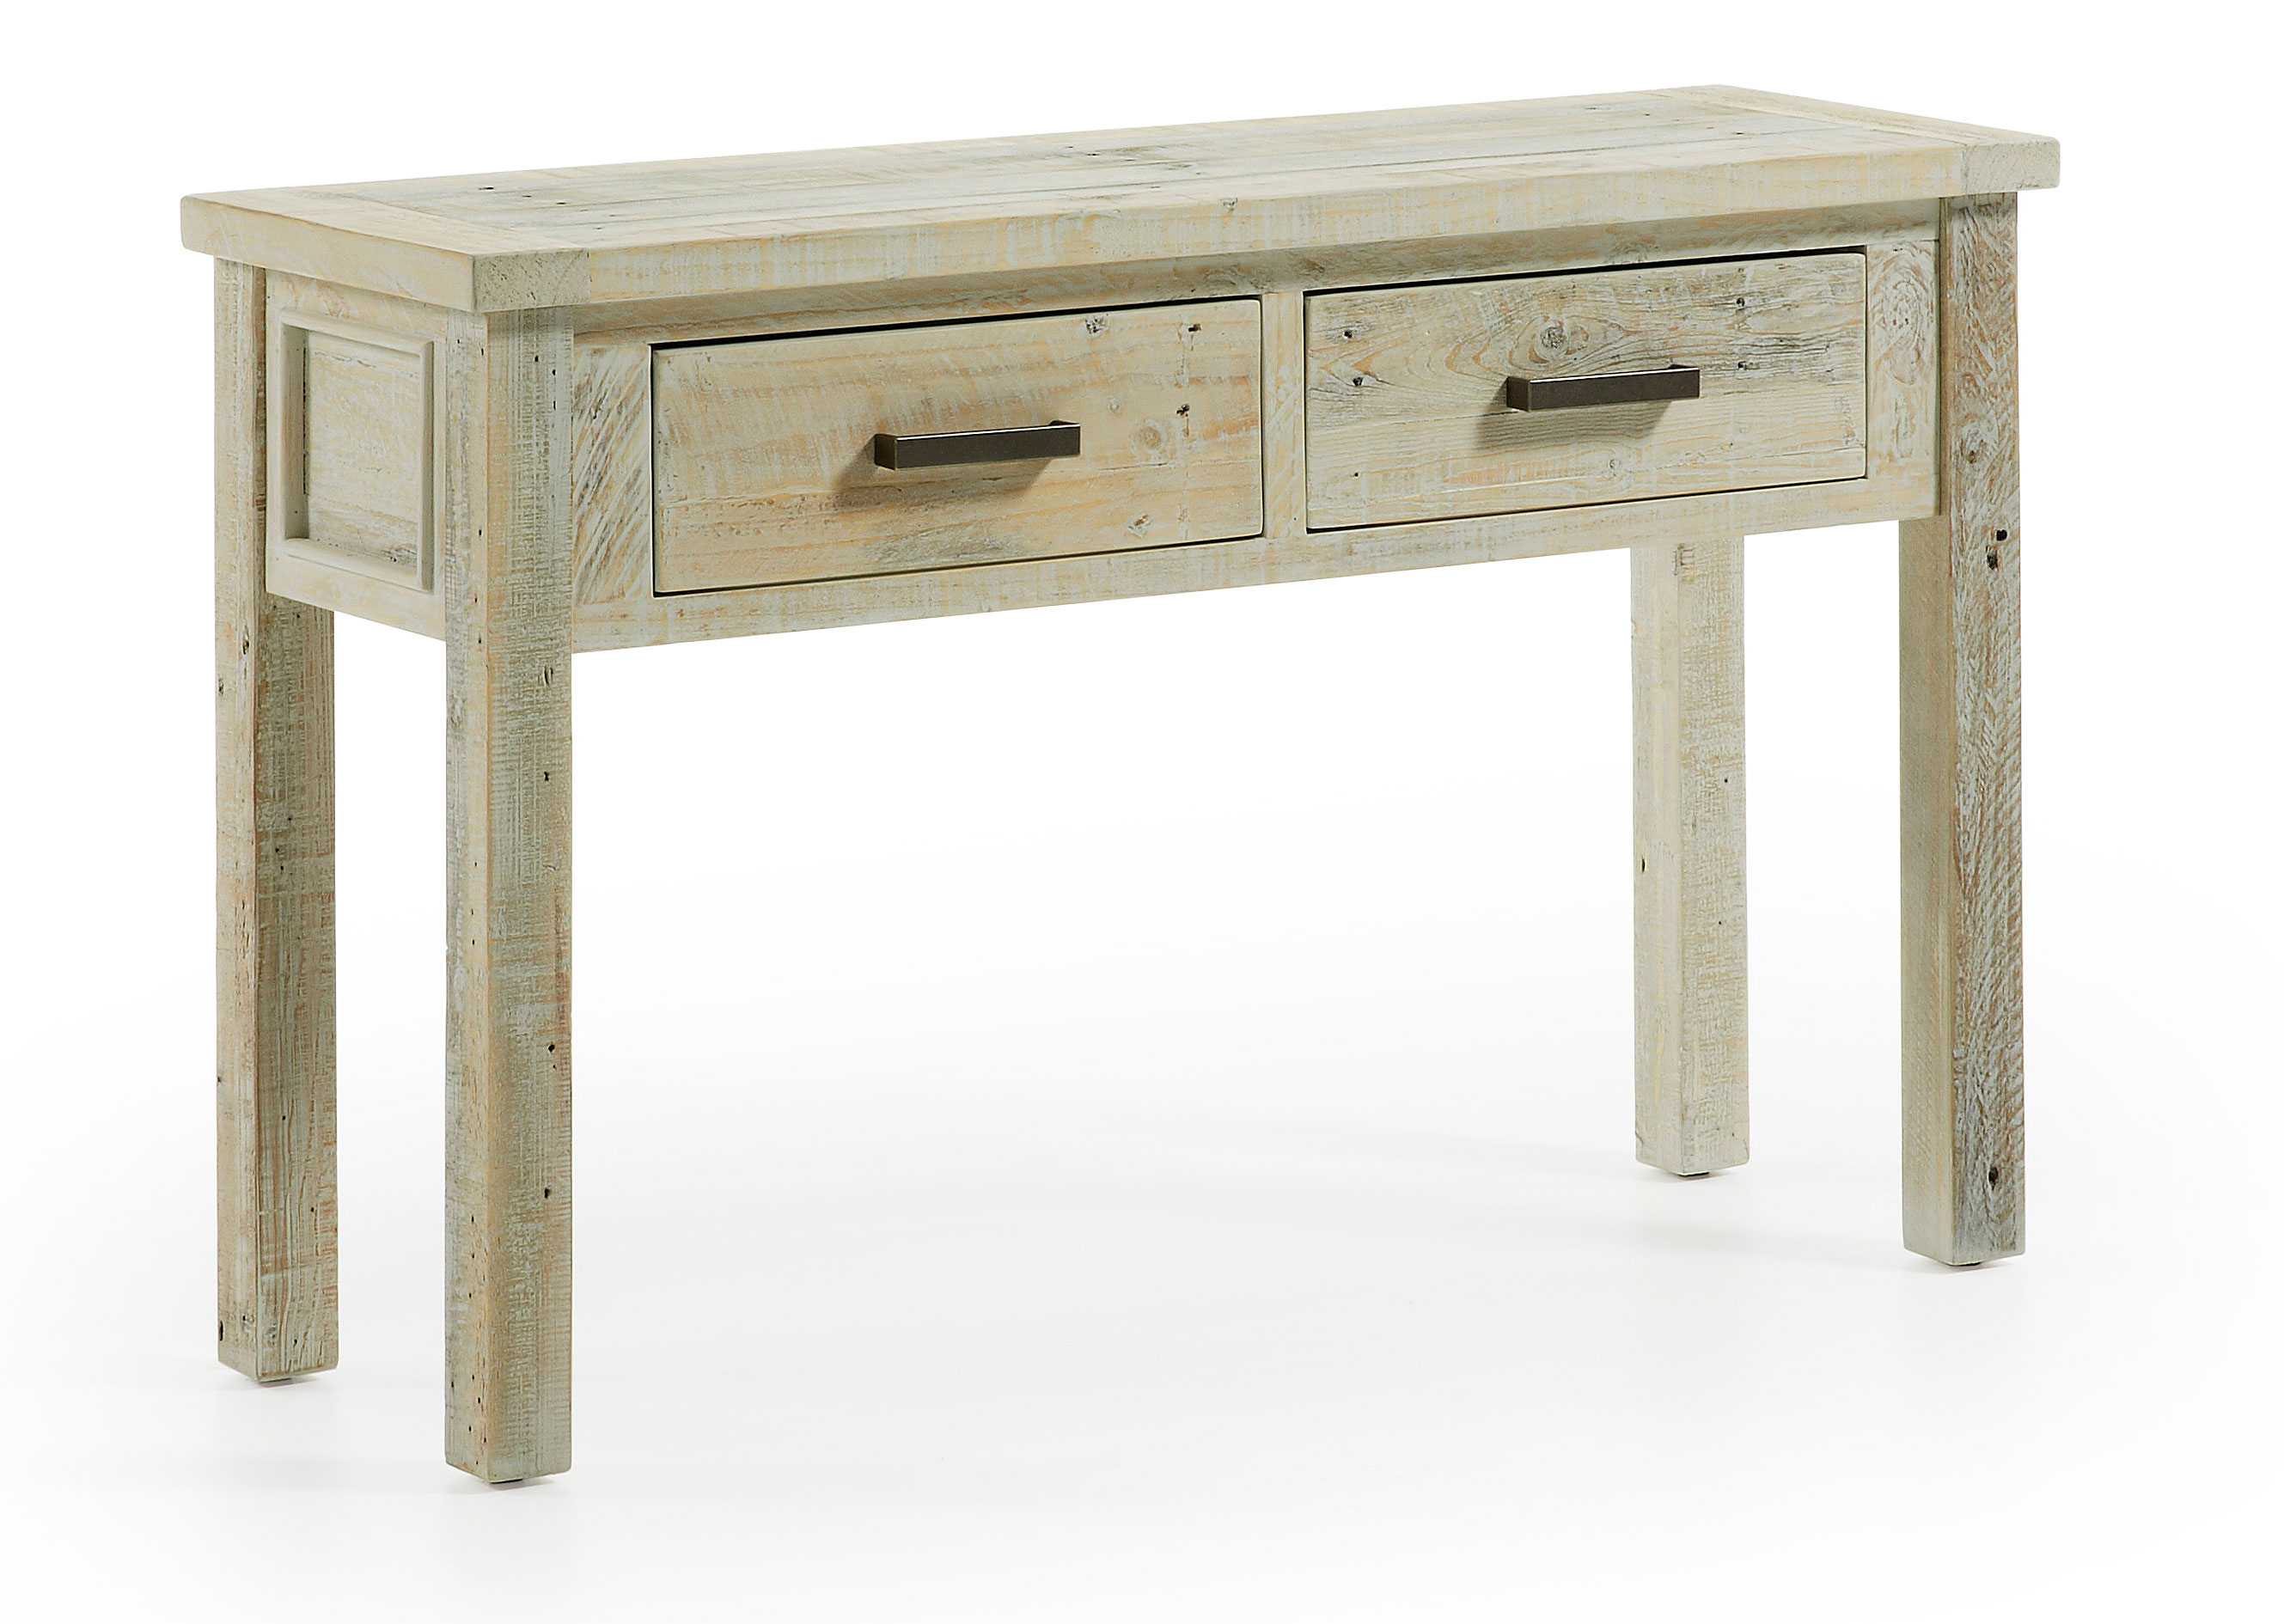 Muebles de madera reciclada15 revista muebles - Madera reciclada muebles ...